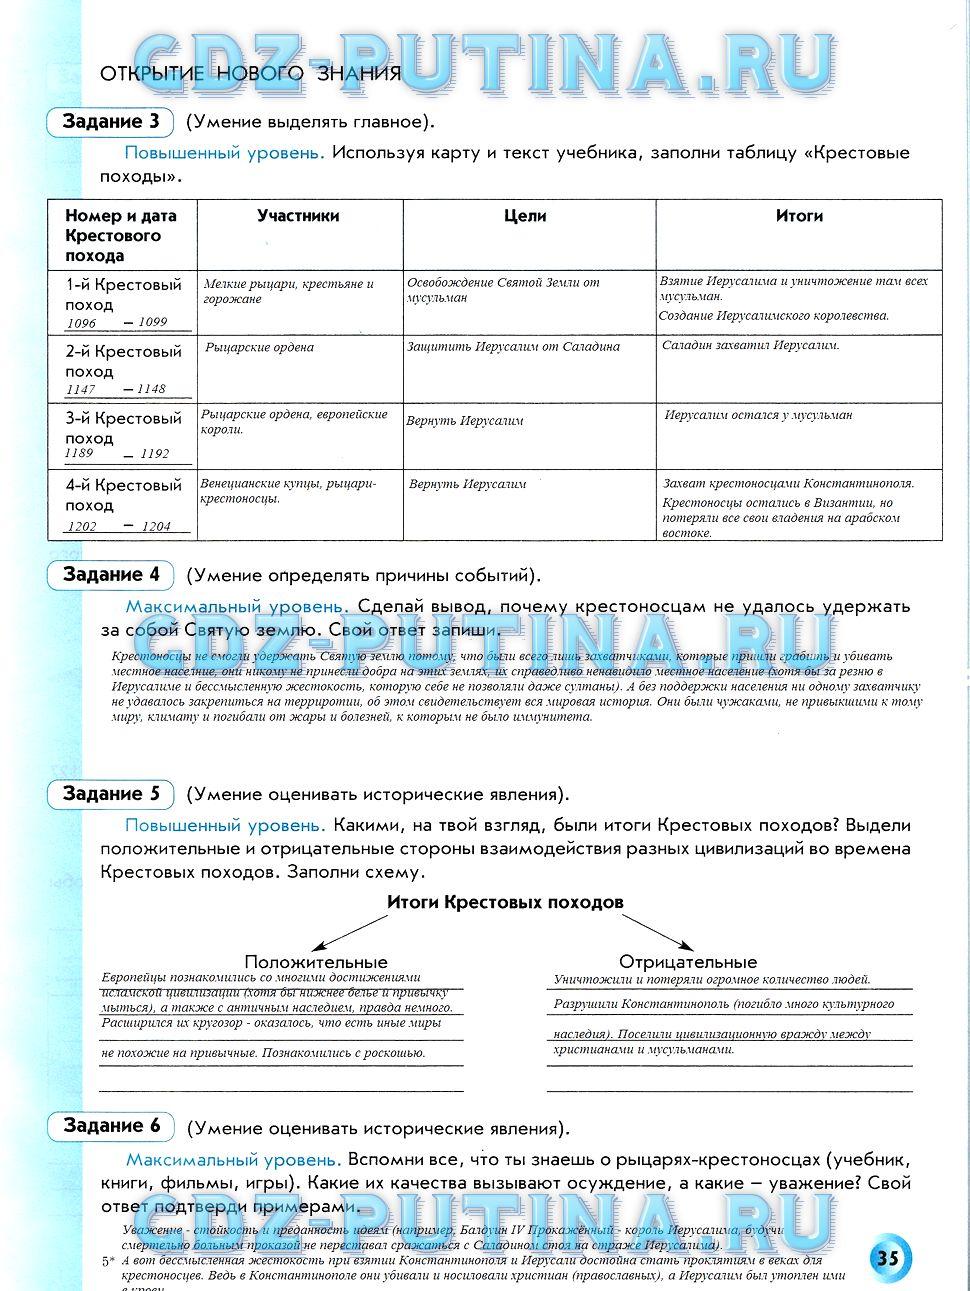 ГДЗ решебник по истории 6 класс рабочая тетрадь Данилов Давыдова